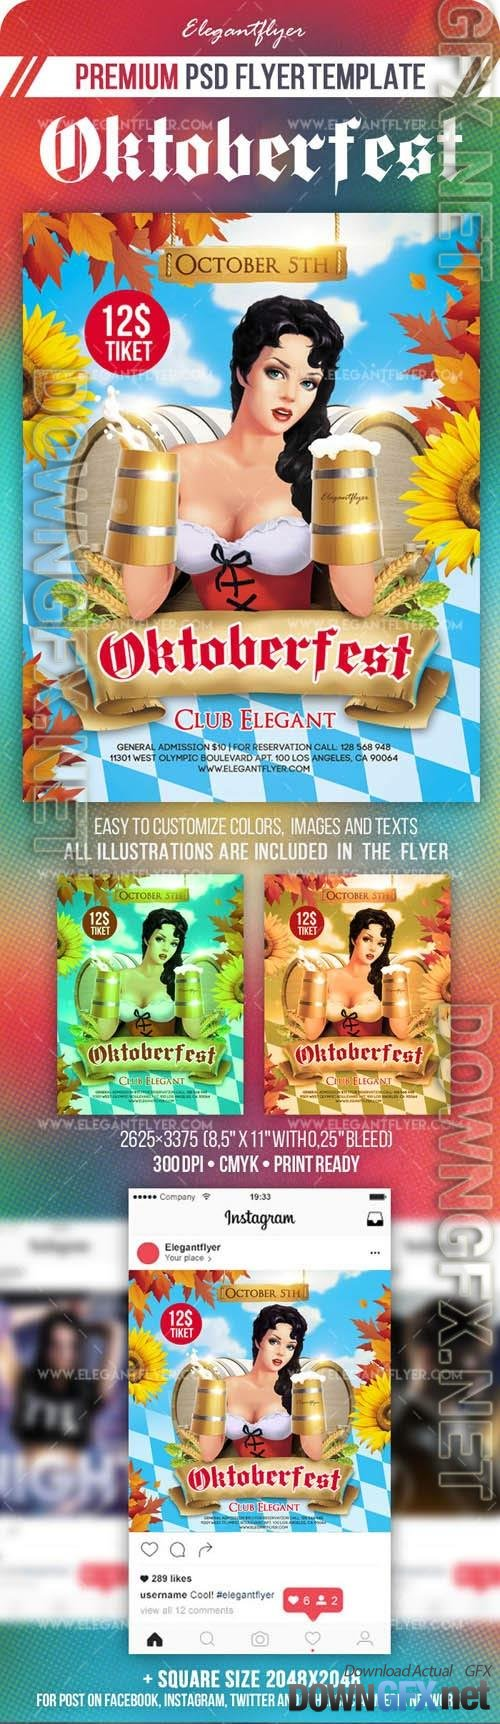 Oktoberfest Flyer PSD Template Instagram template